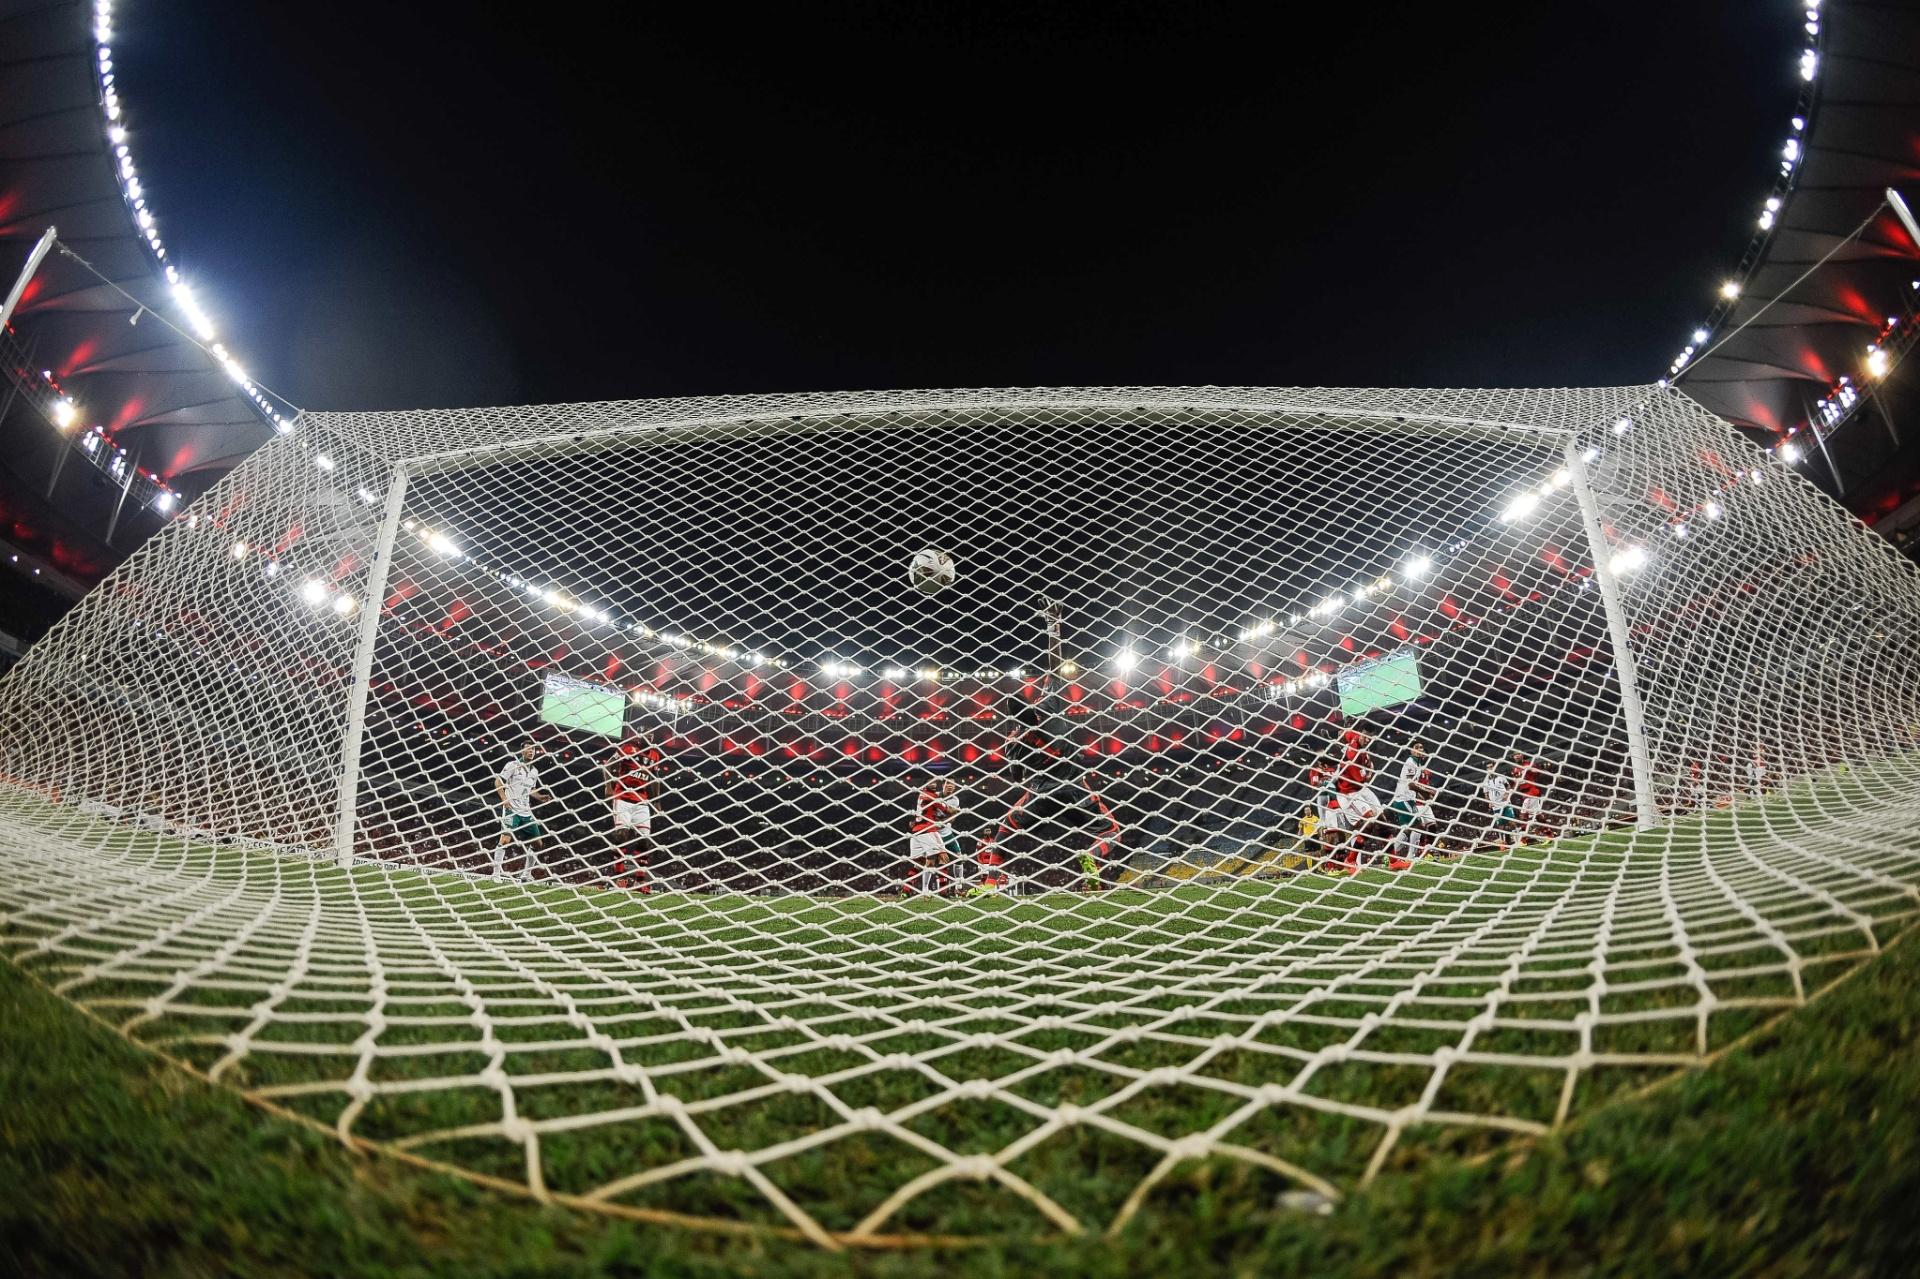 Visão atrás do gol no Maracanã